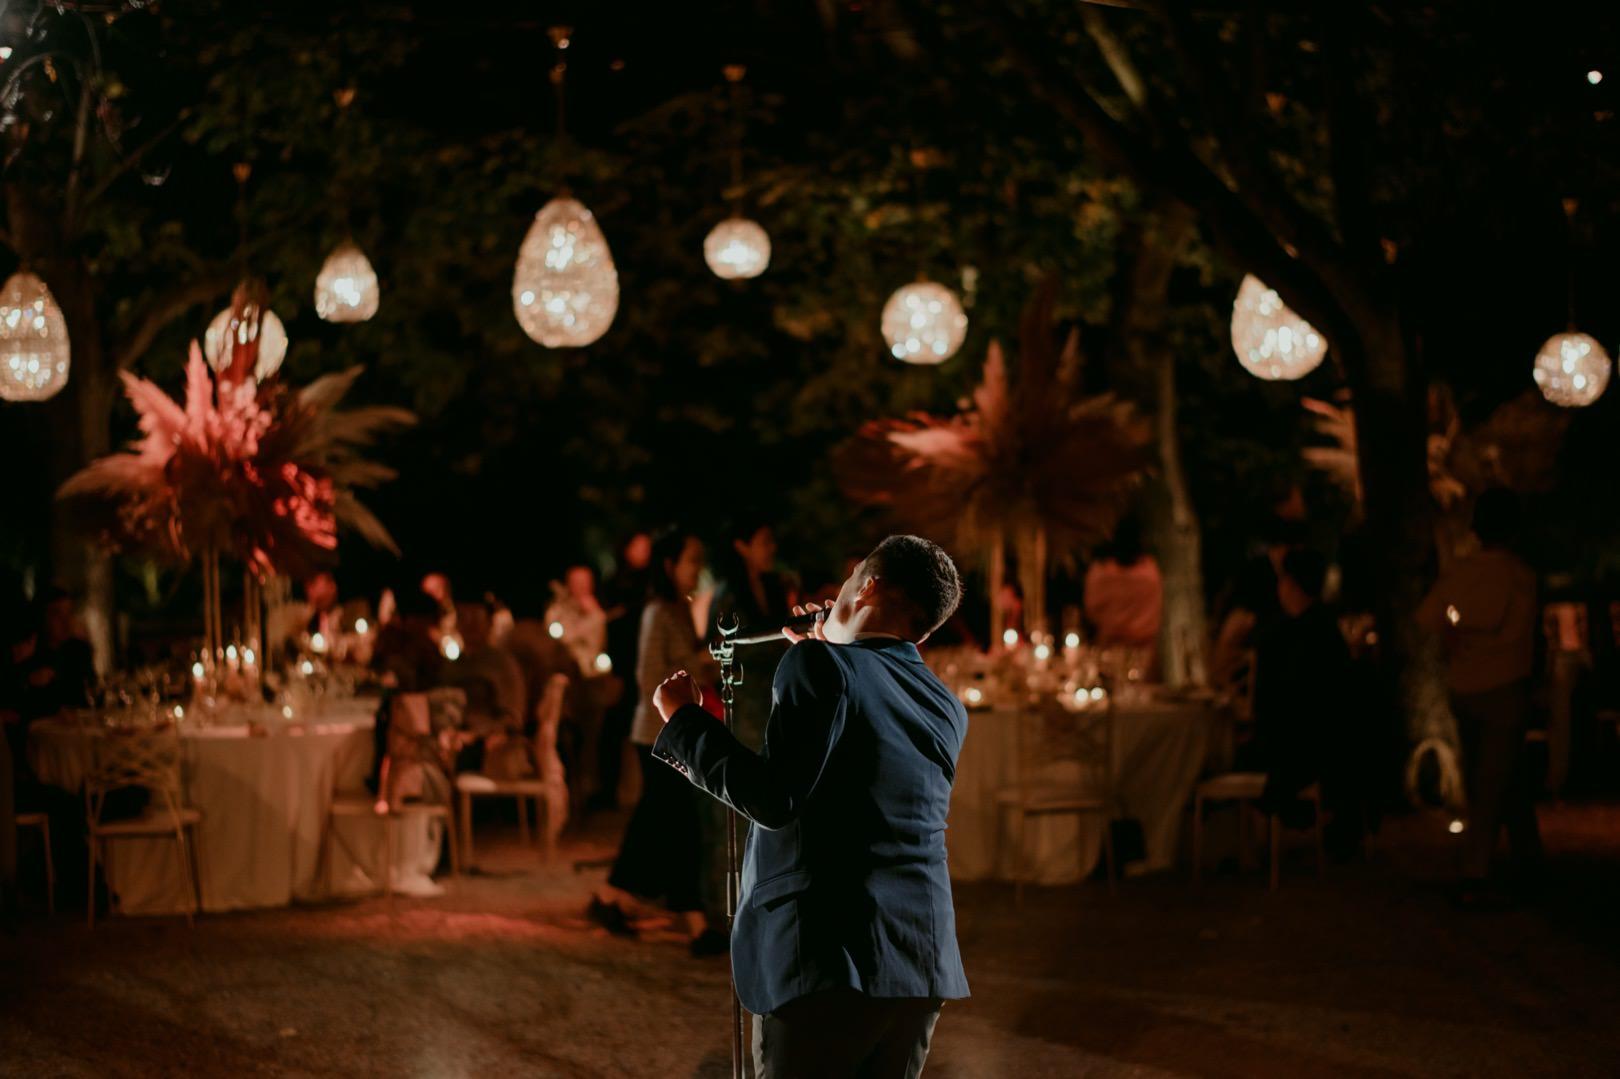 Epic candid wedding photography